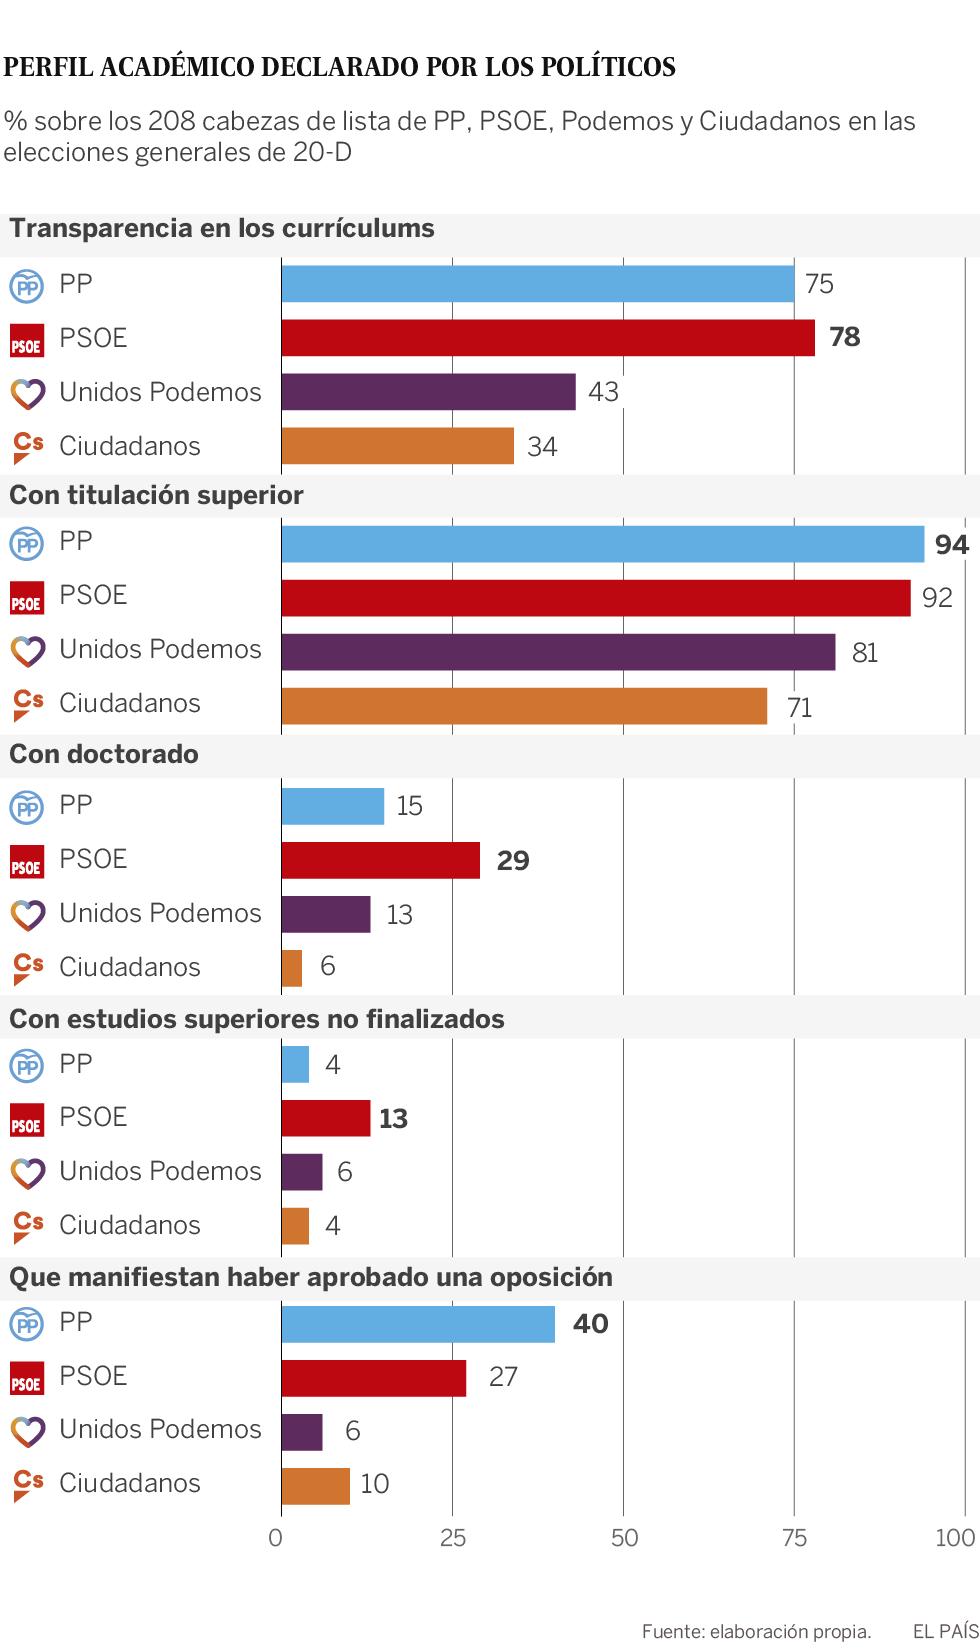 Las mentiras más arriesgadas de la política | España | EL PAÍS